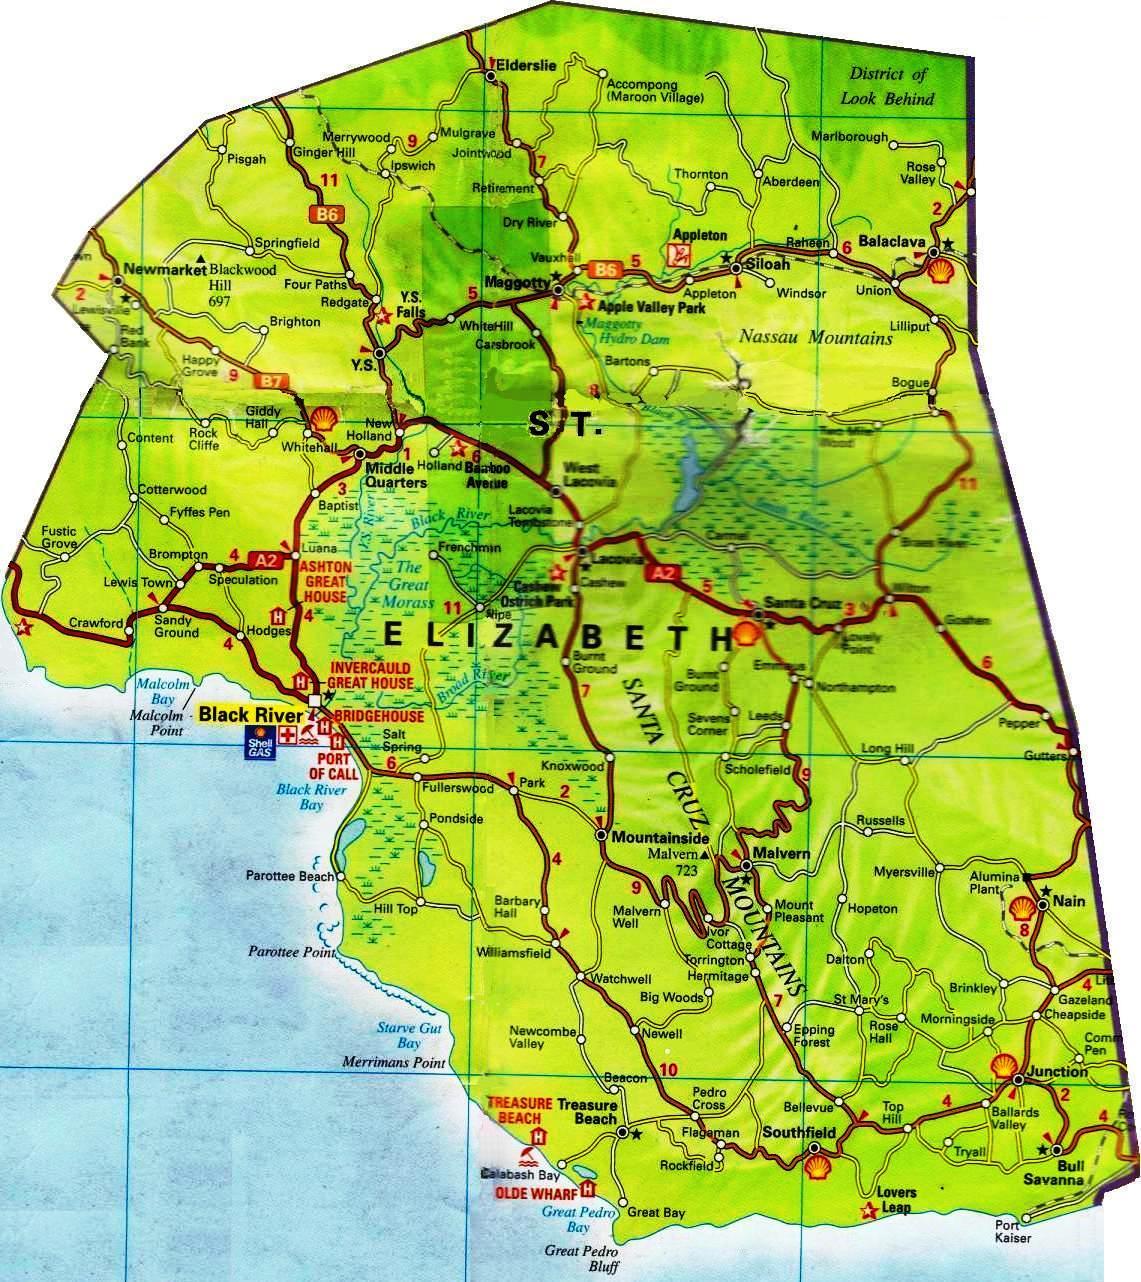 Road map for St Elizabeth Jamaica JamaicaJamaica